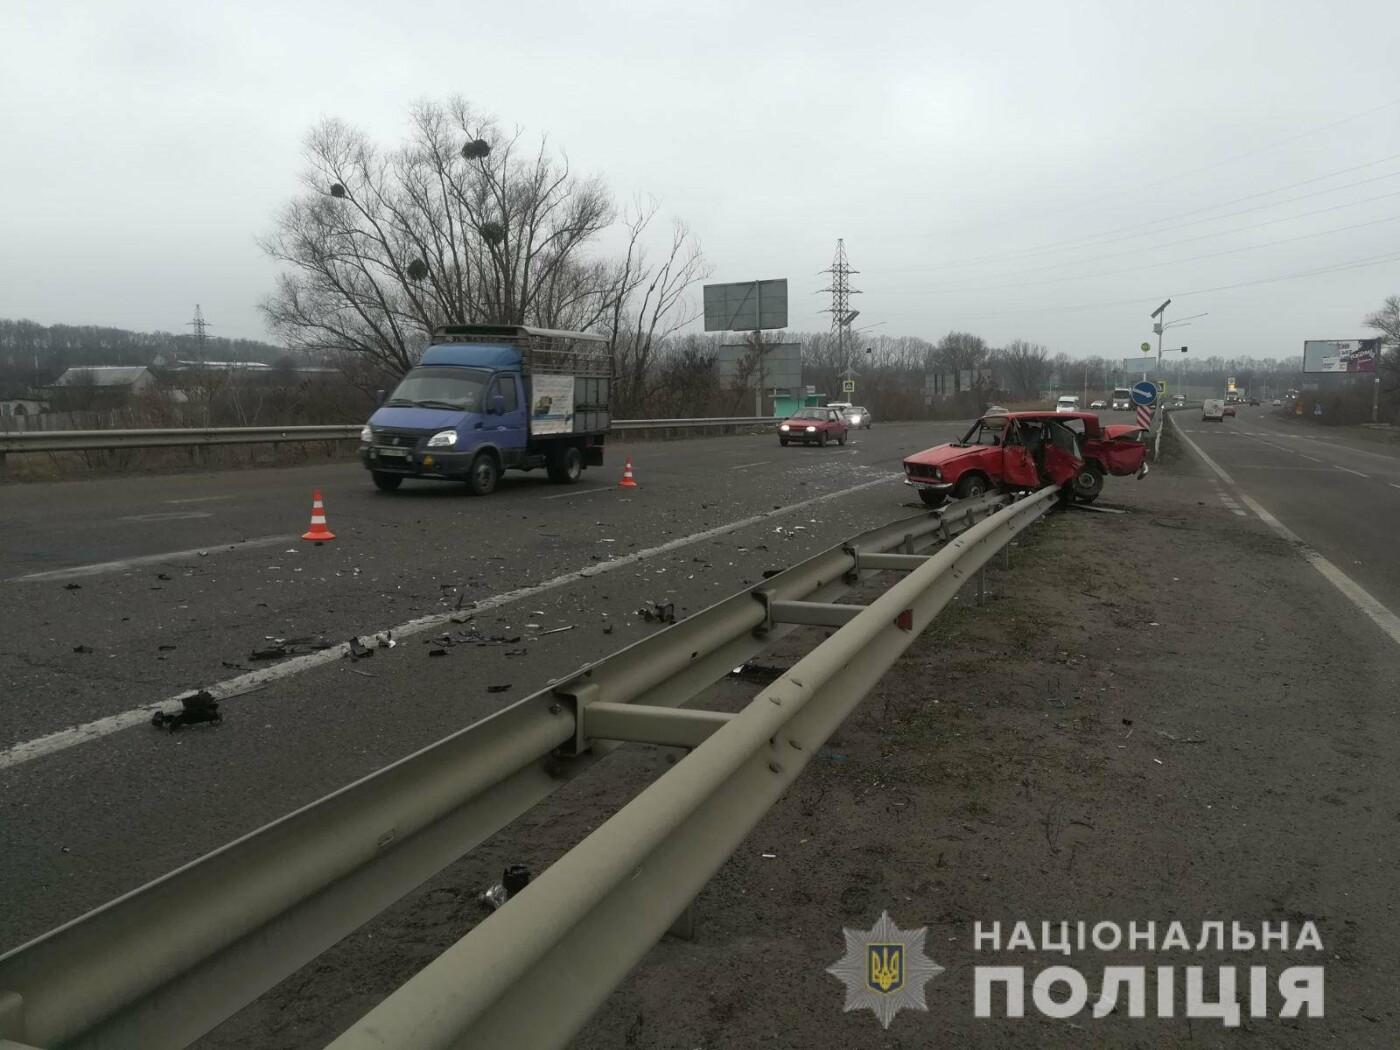 На Харьковщине «Renault» врезался в разворачивающийся «ВАЗ»: погиб водитель одного из авто, - ФОТО, фото-1